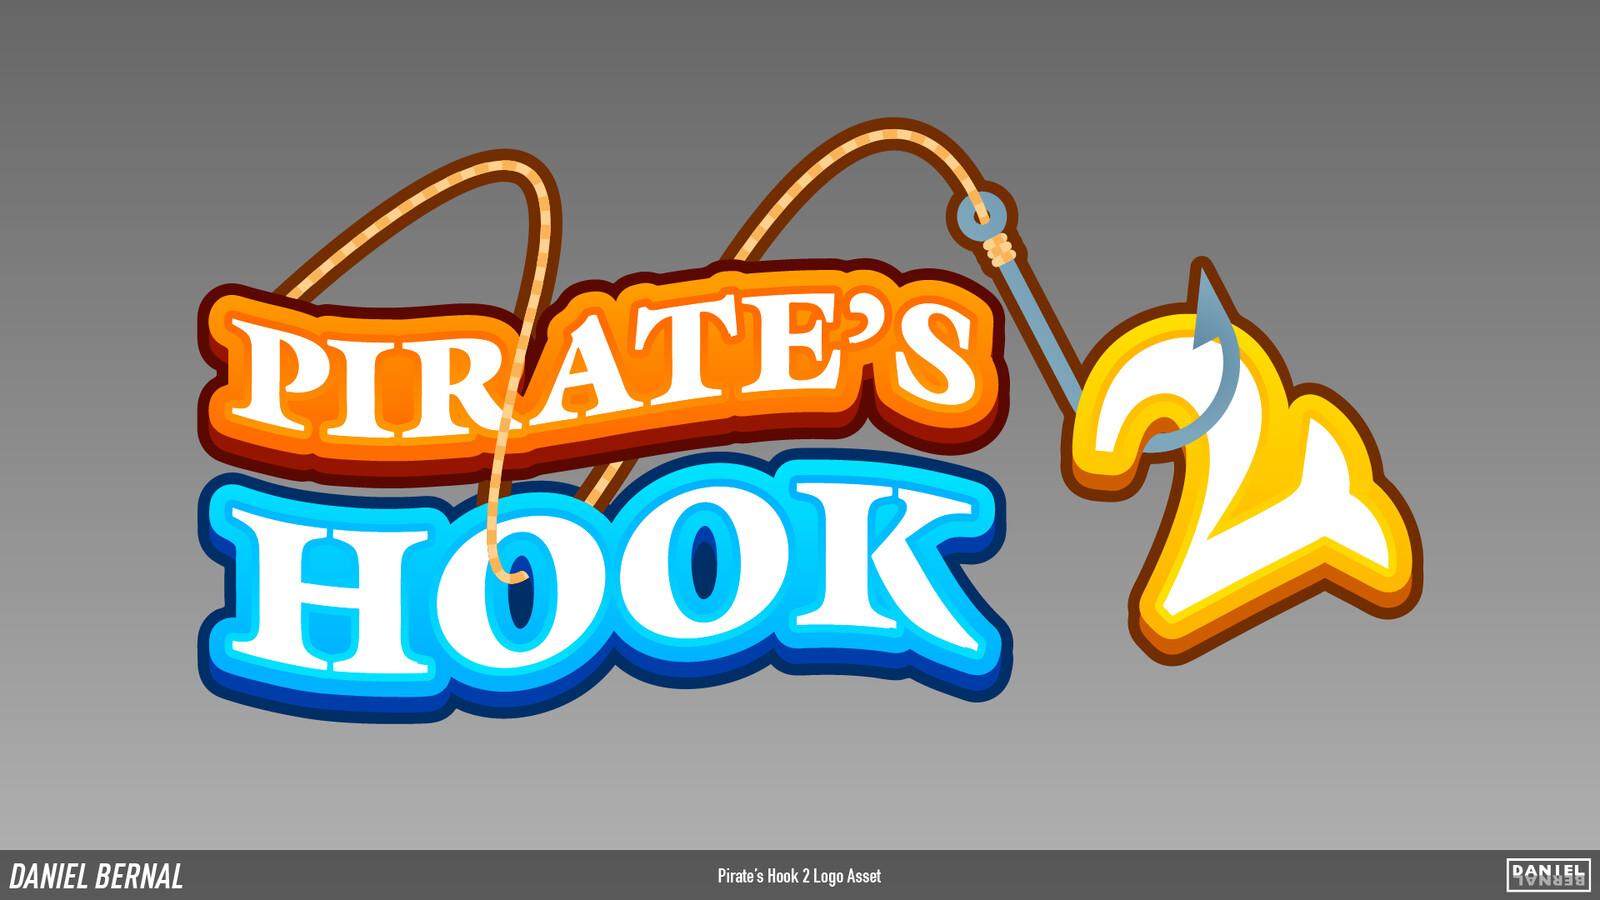 Pirate's Hook 2 Logo Asset